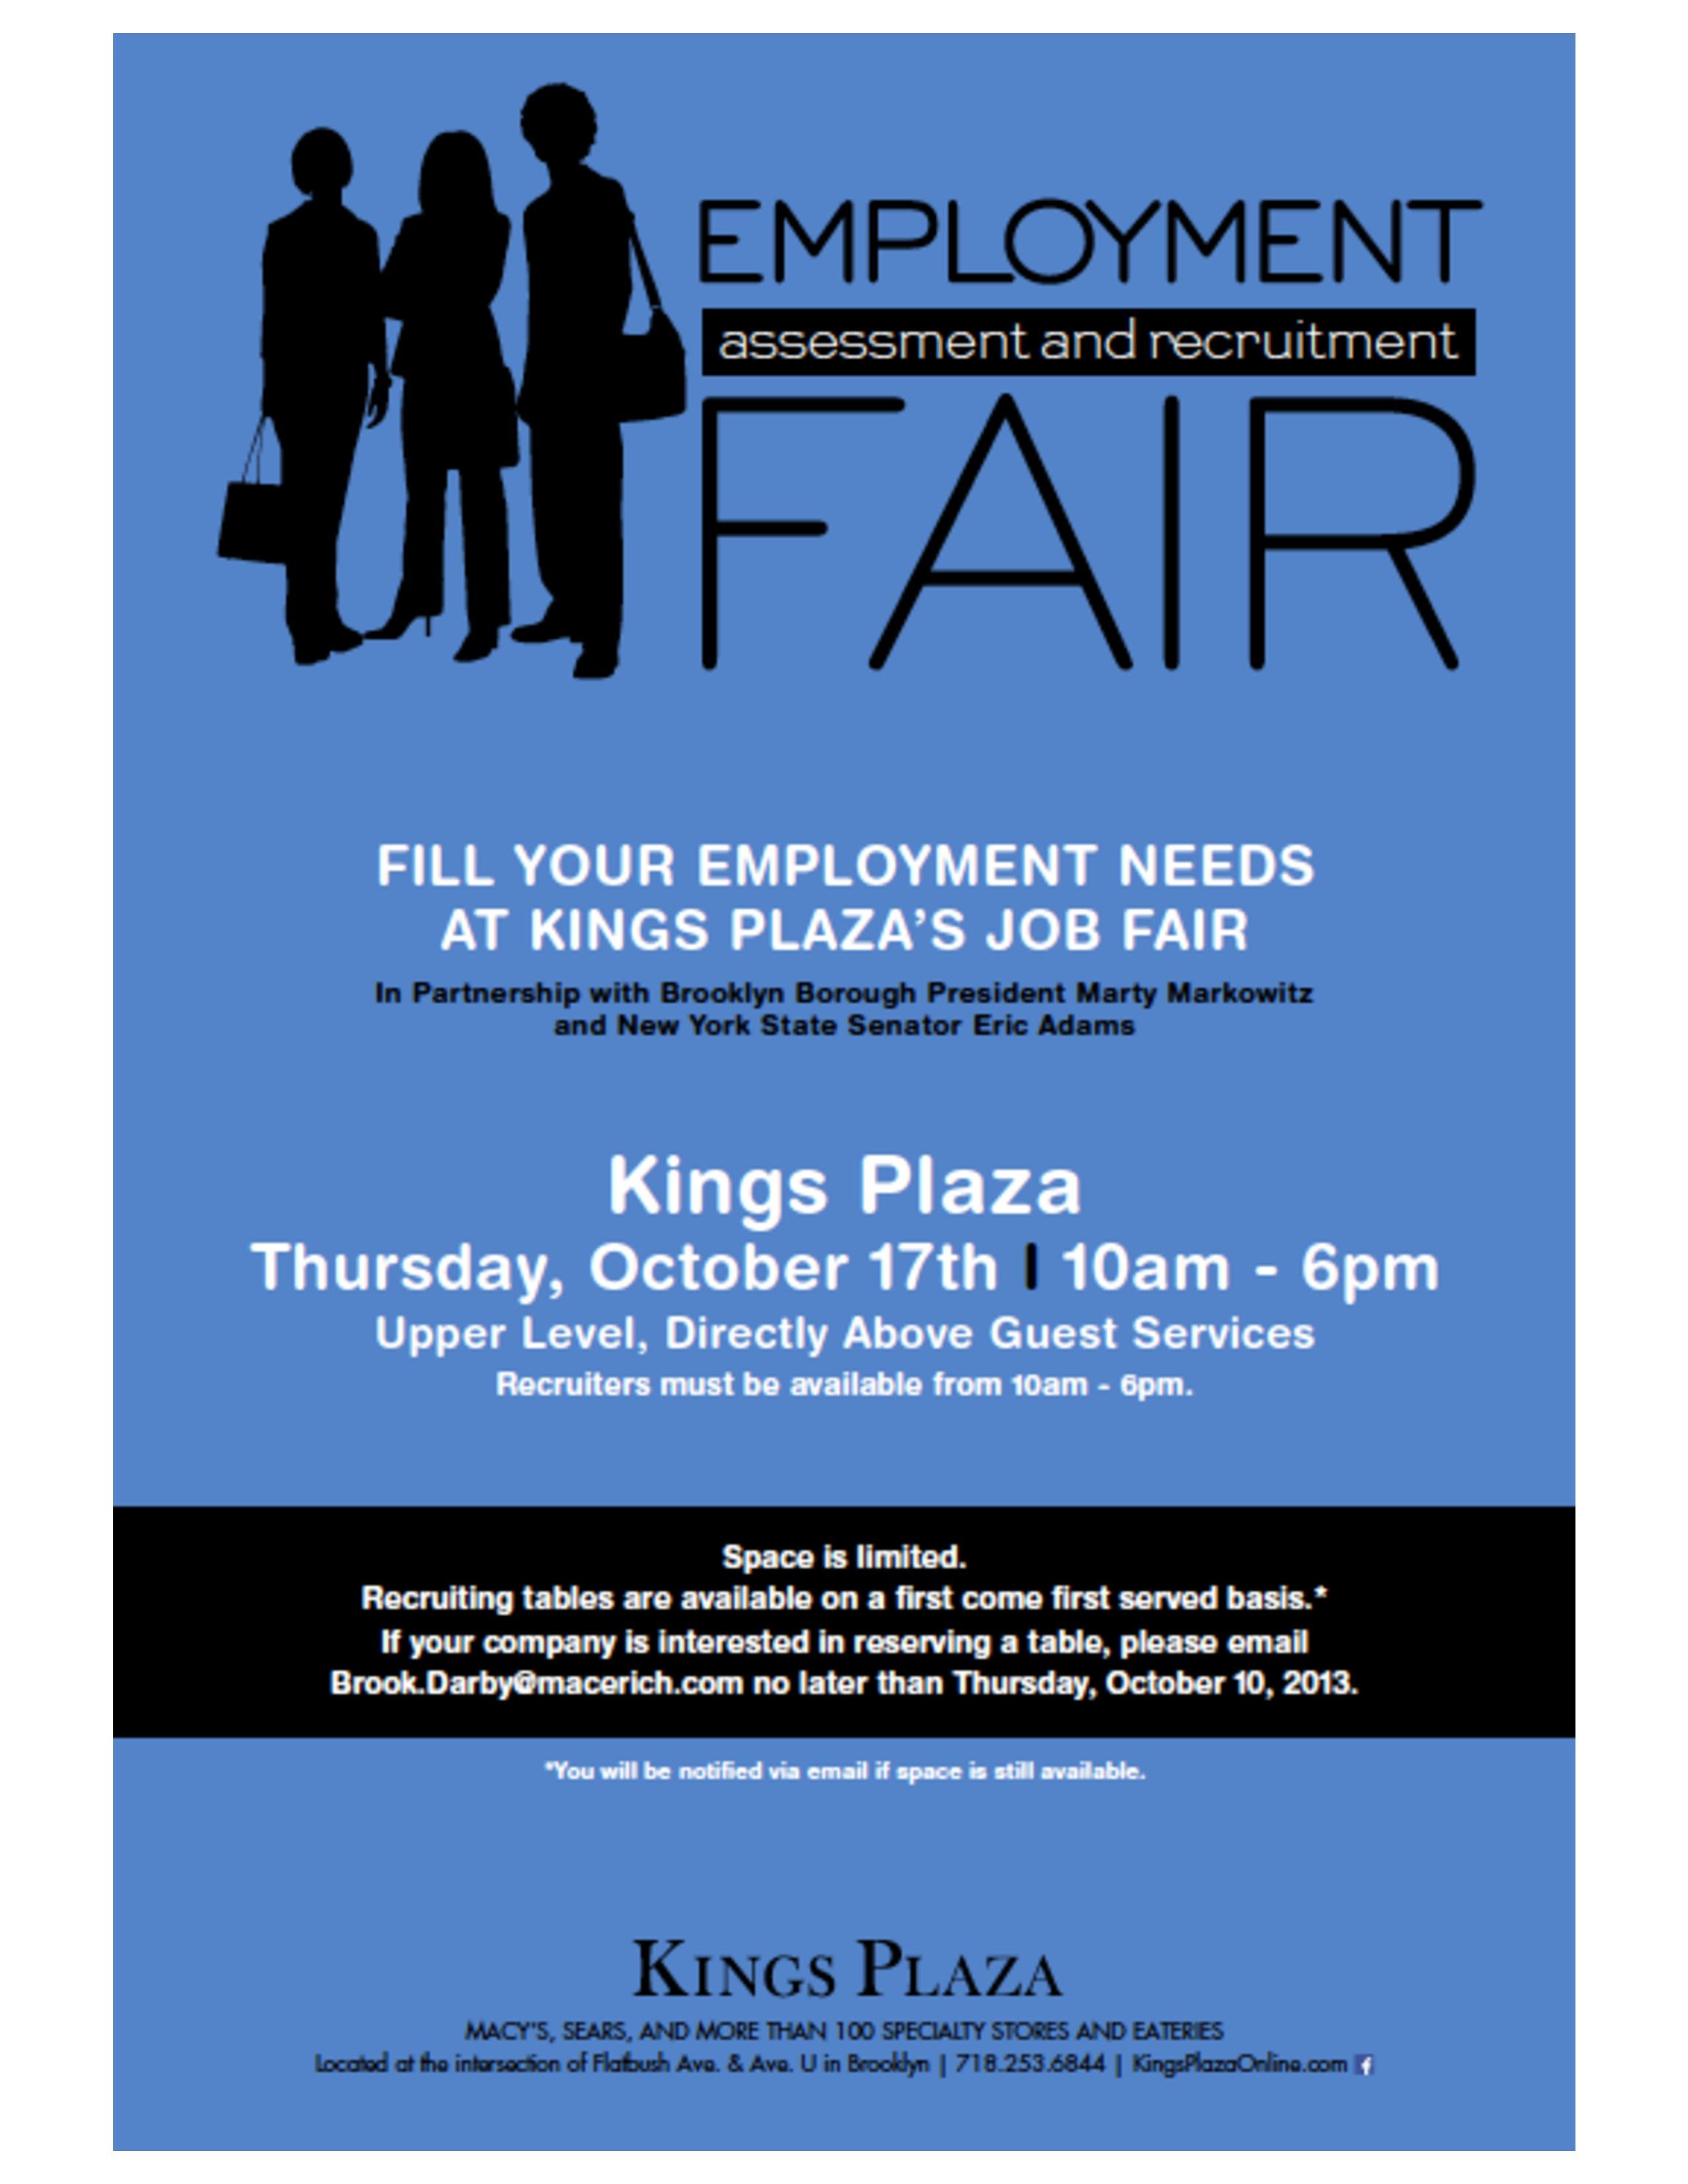 job fair at kings plaza ny state senate